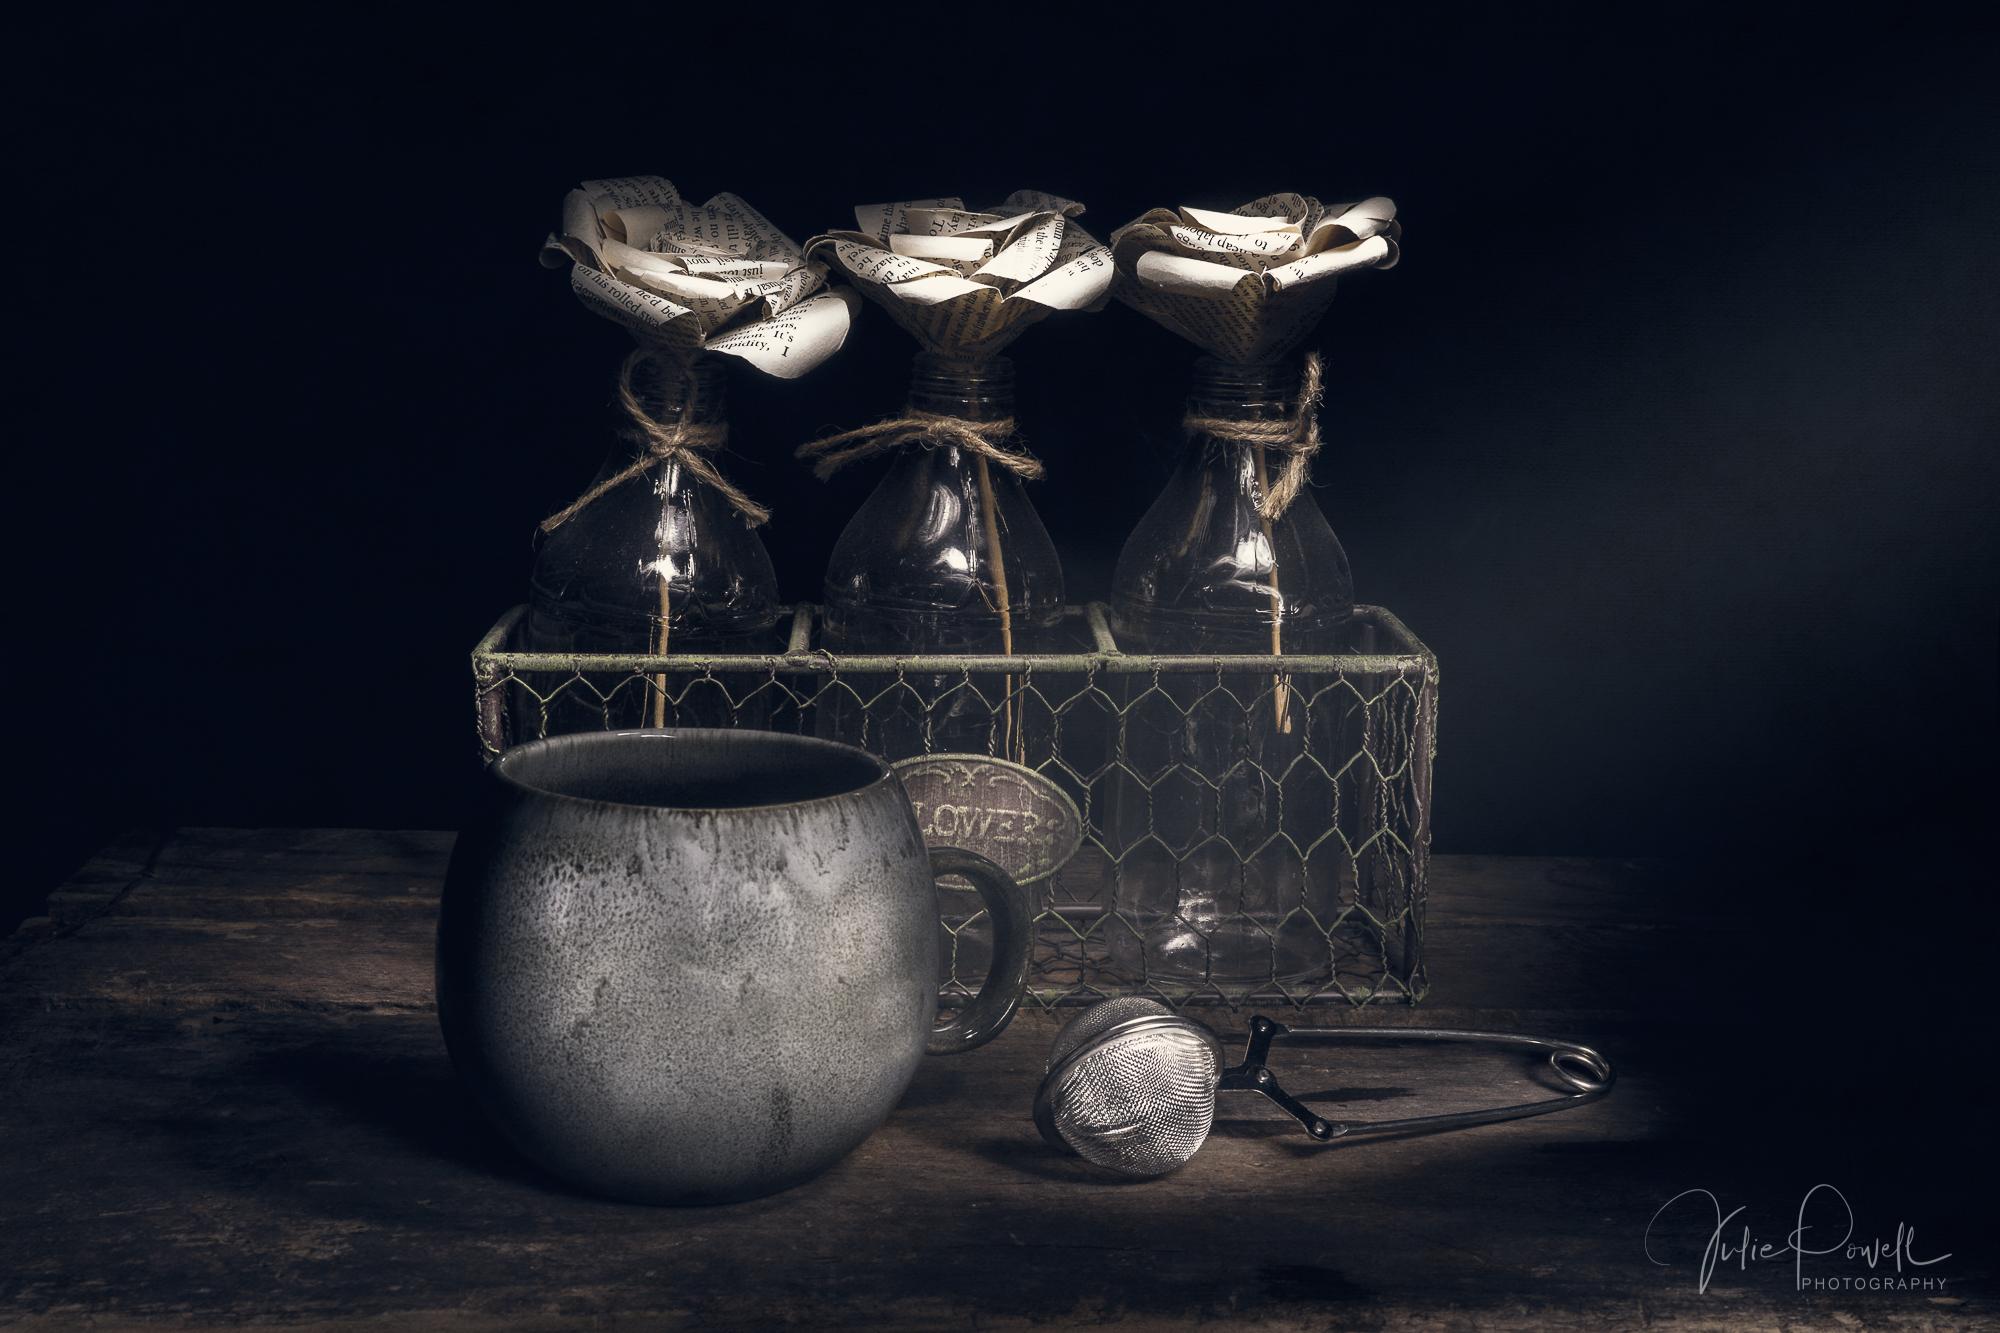 JuliePowell_Tea and Flowers.jpg